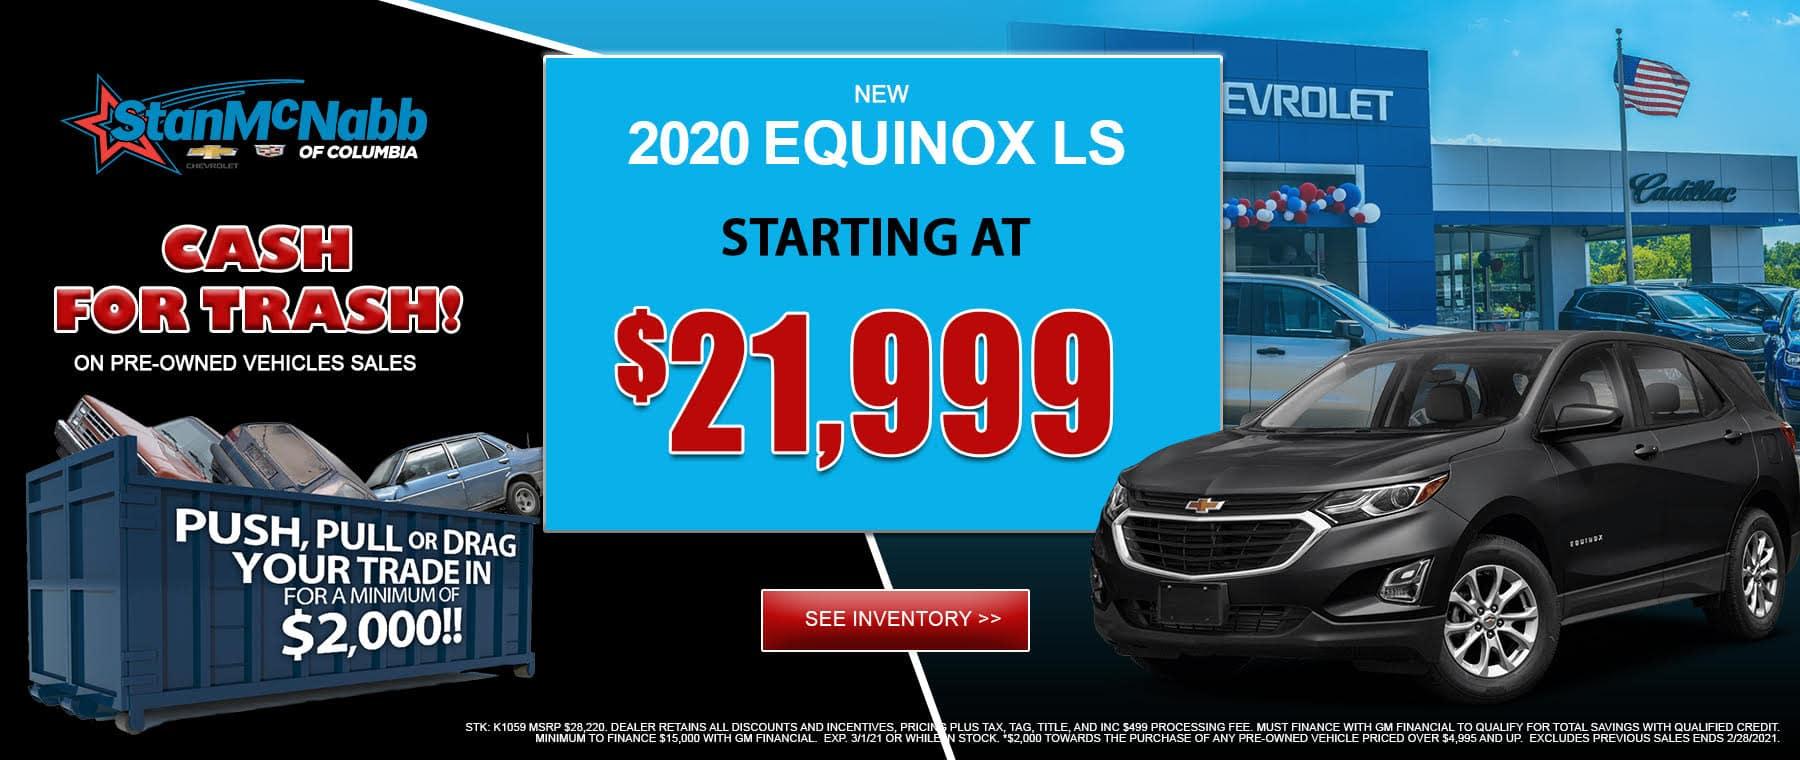 2020 equinox ls